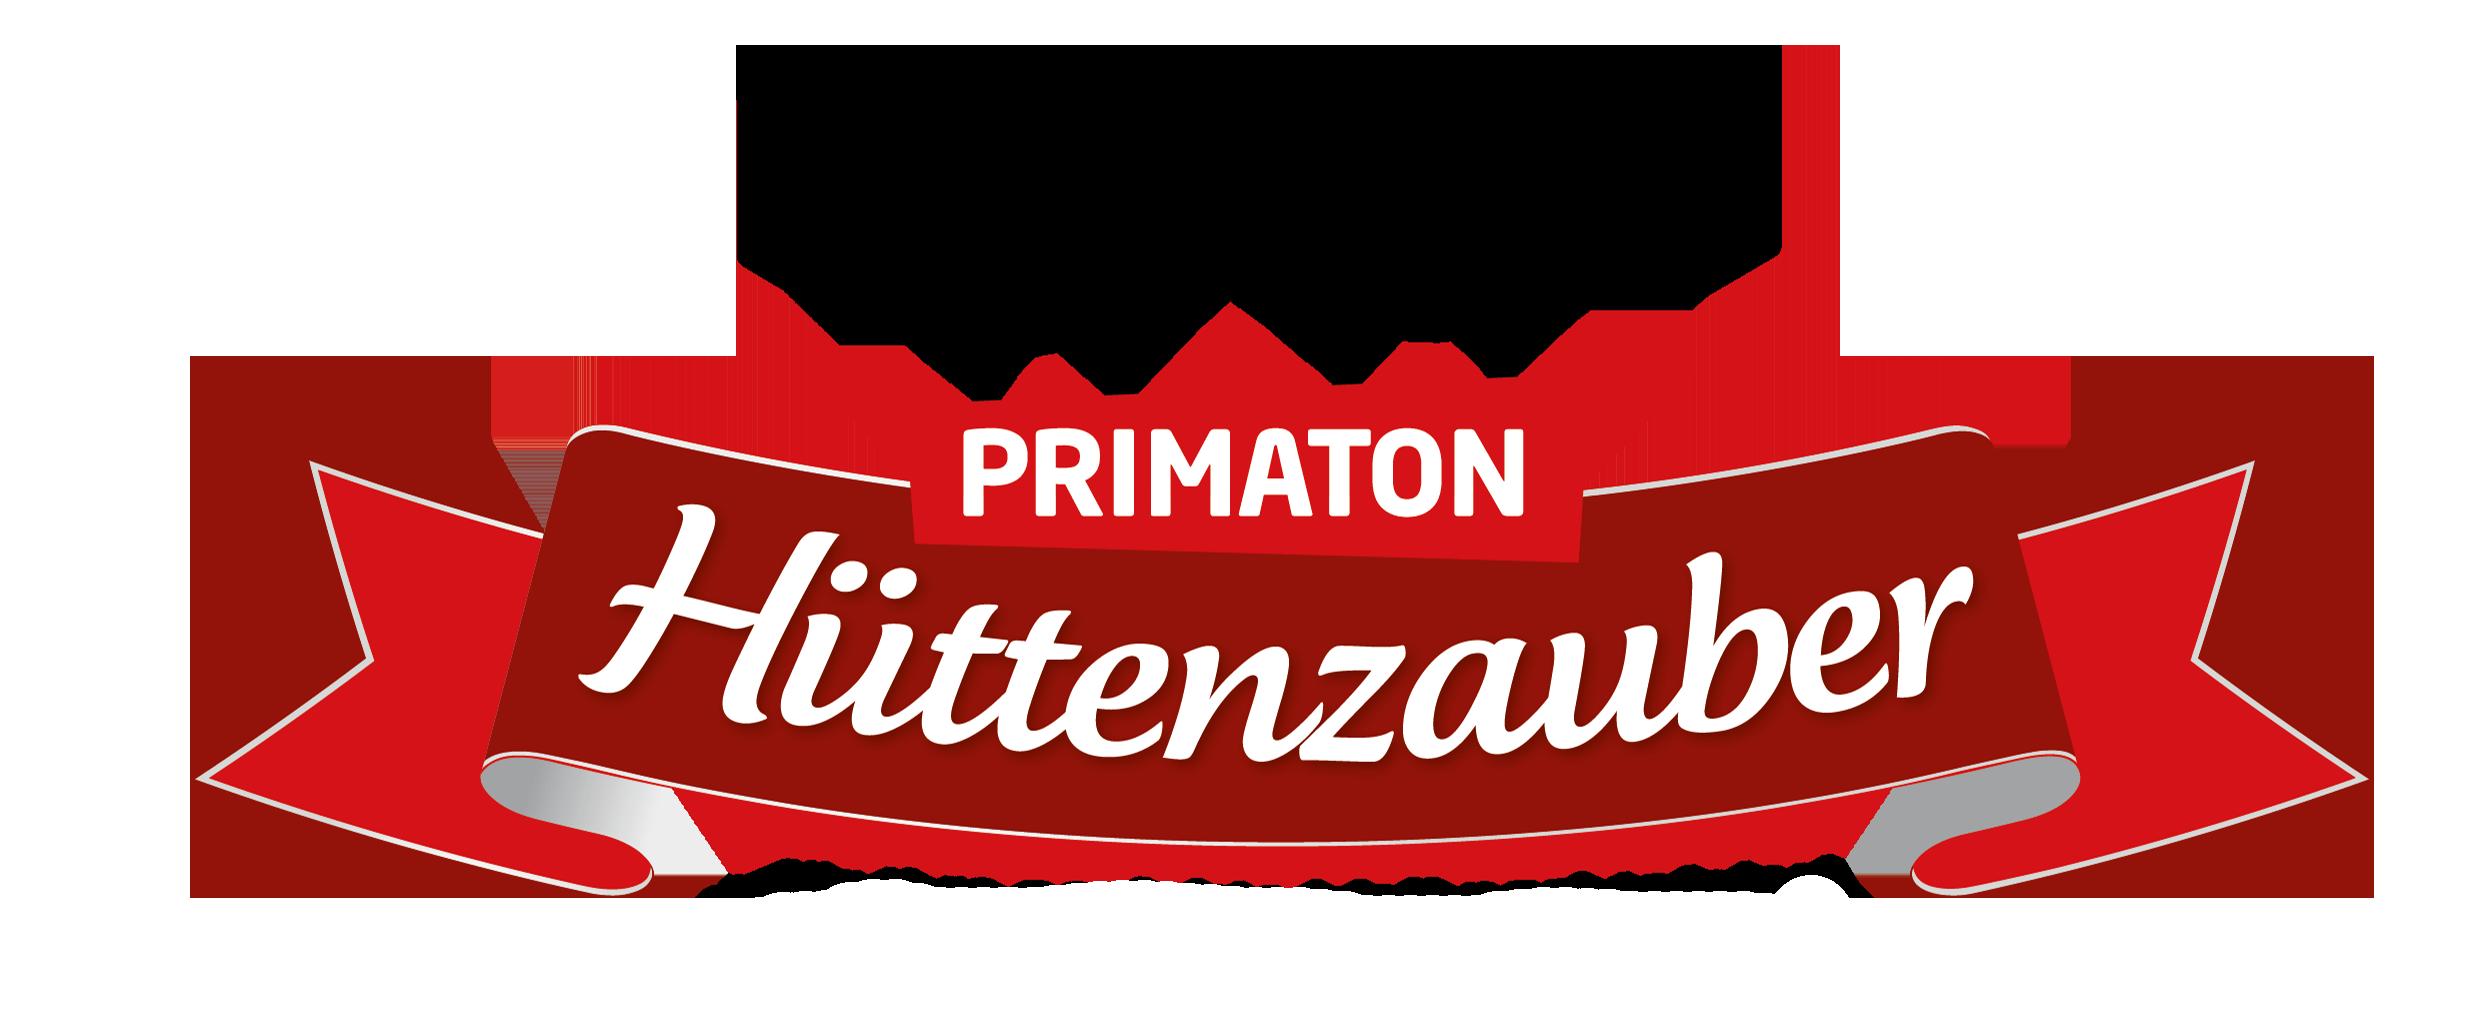 Primaton Hüttenzauber Logo 2 Elche rotes logo banner